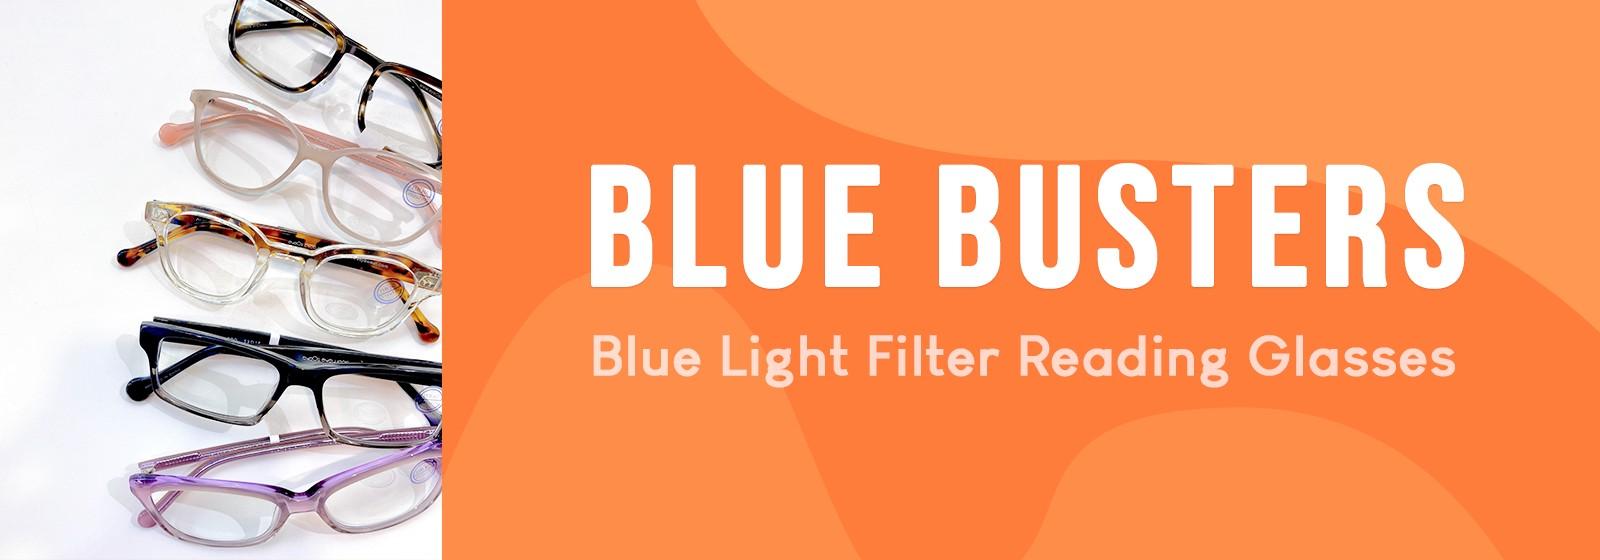 Blue light filter reading glasses